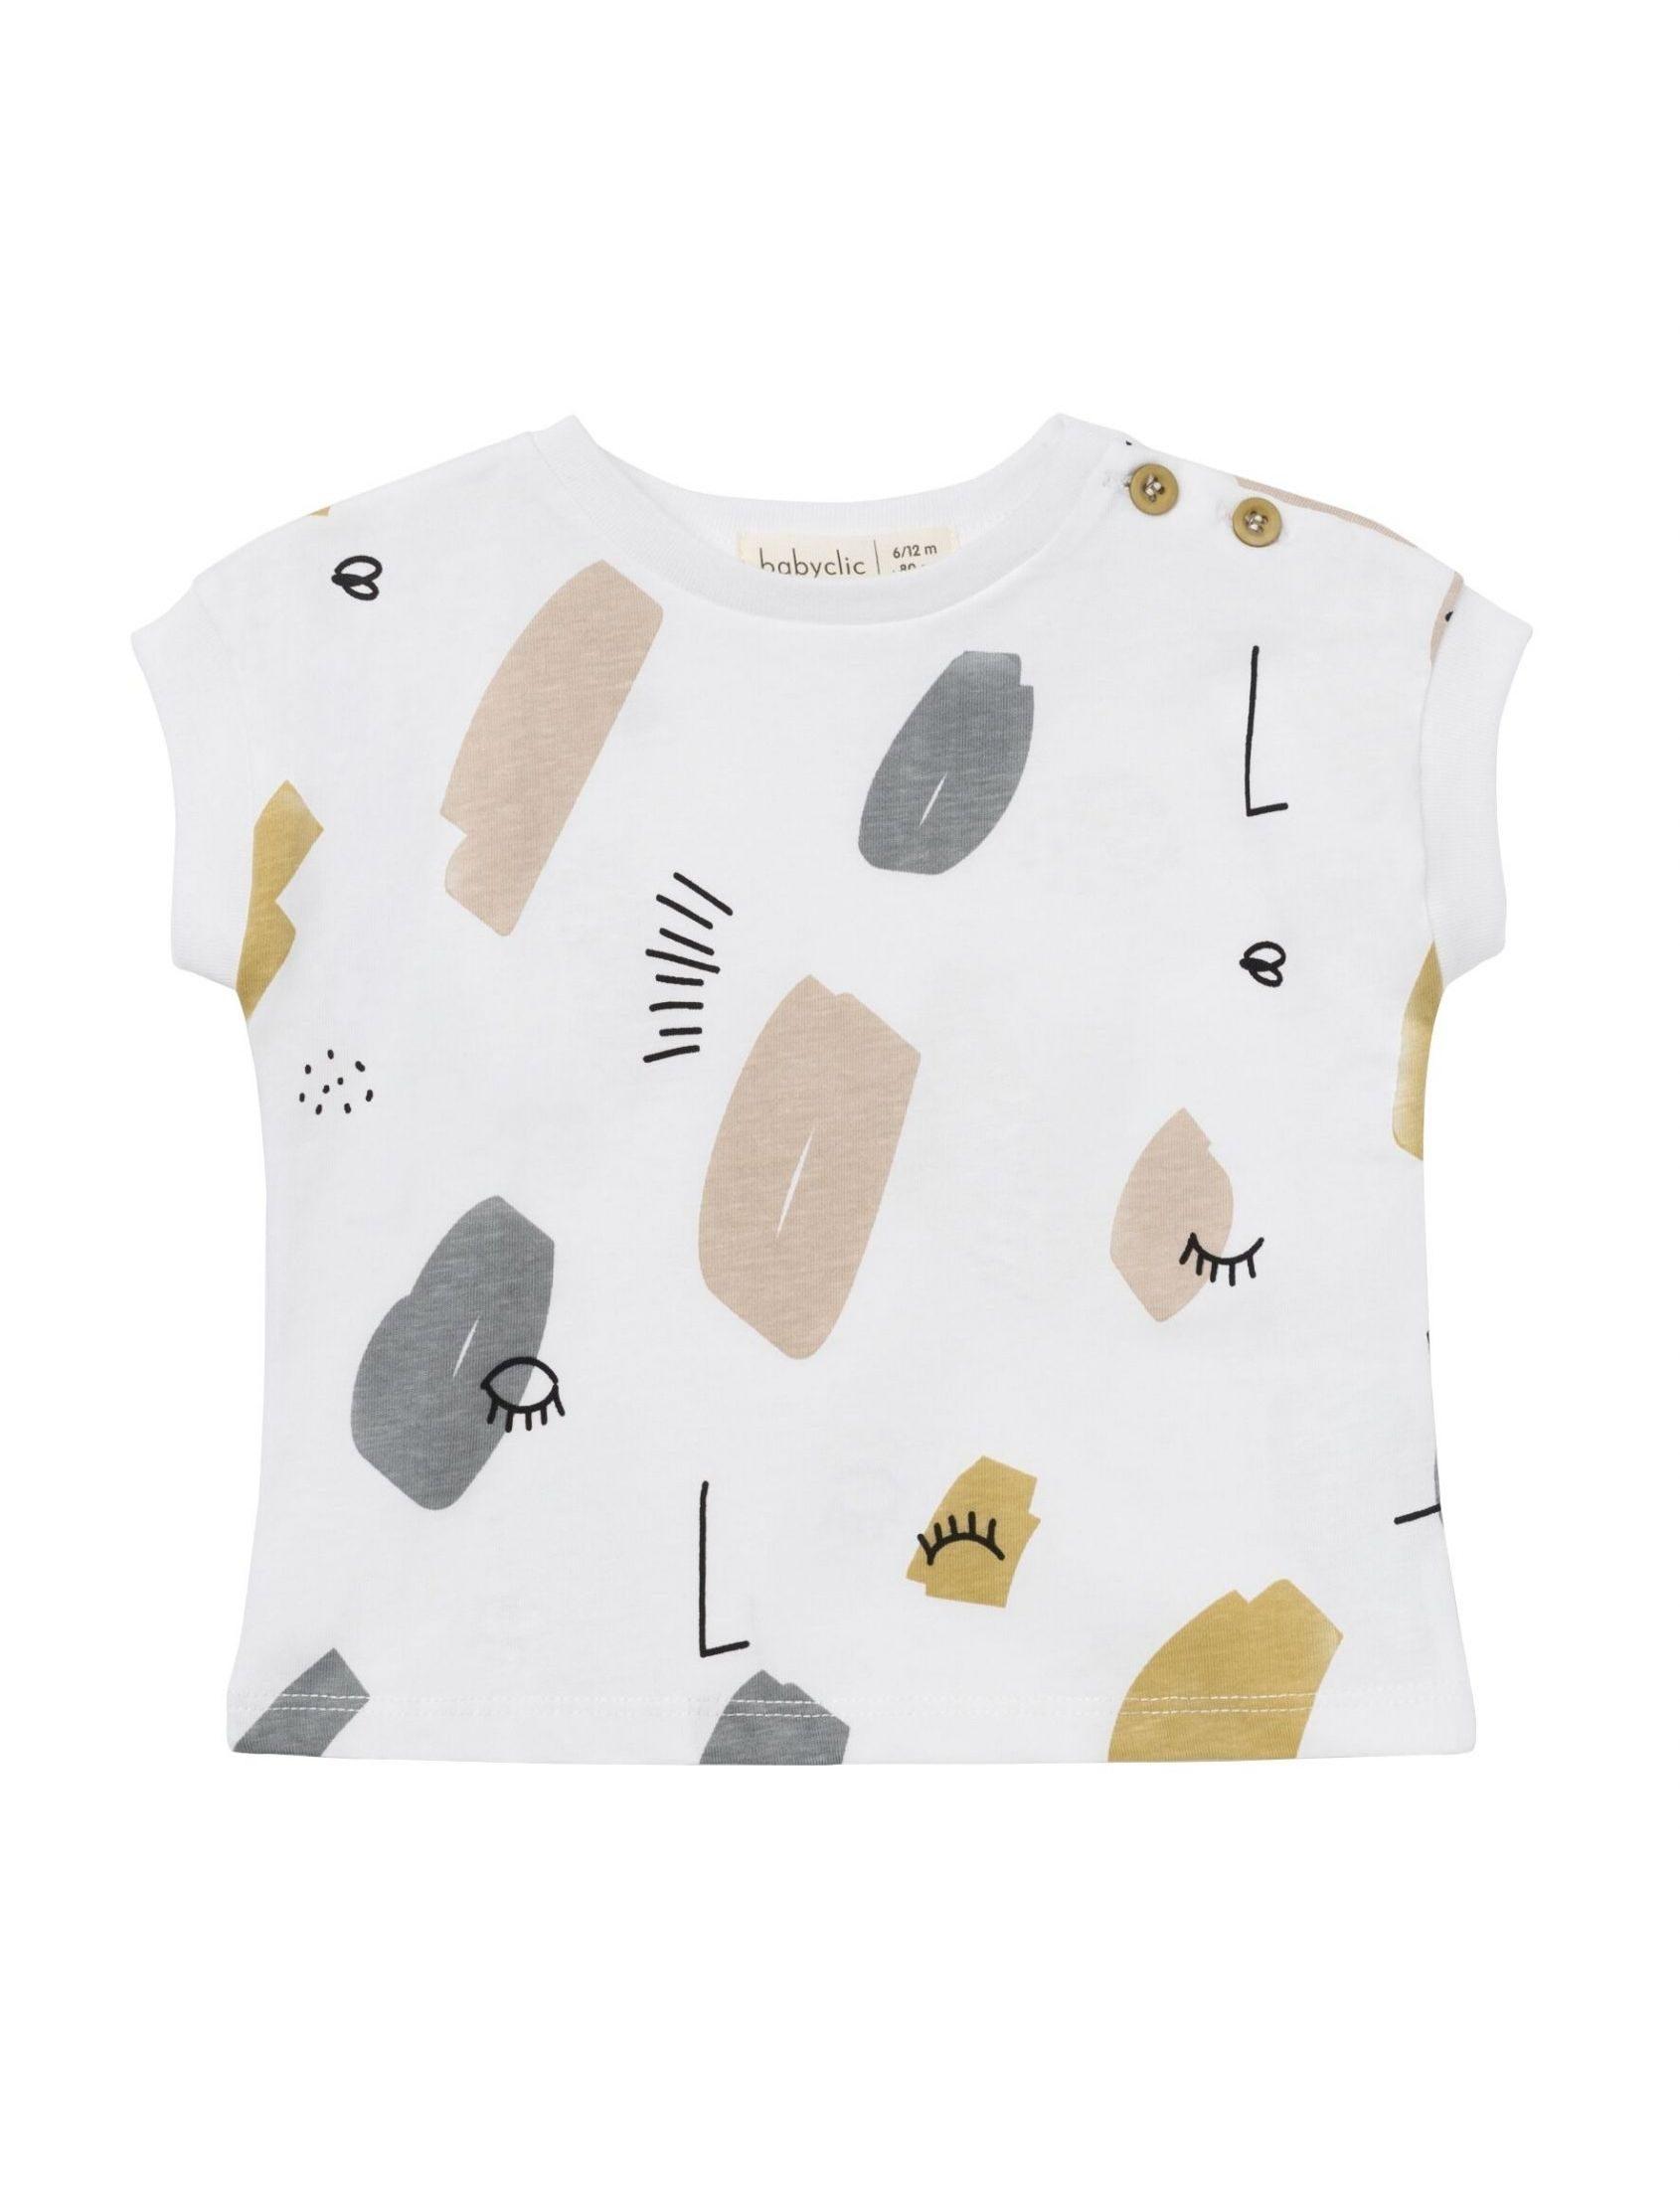 camiseta unisex twin de baby clic con fondo blanco y estampado geométrico multicolor